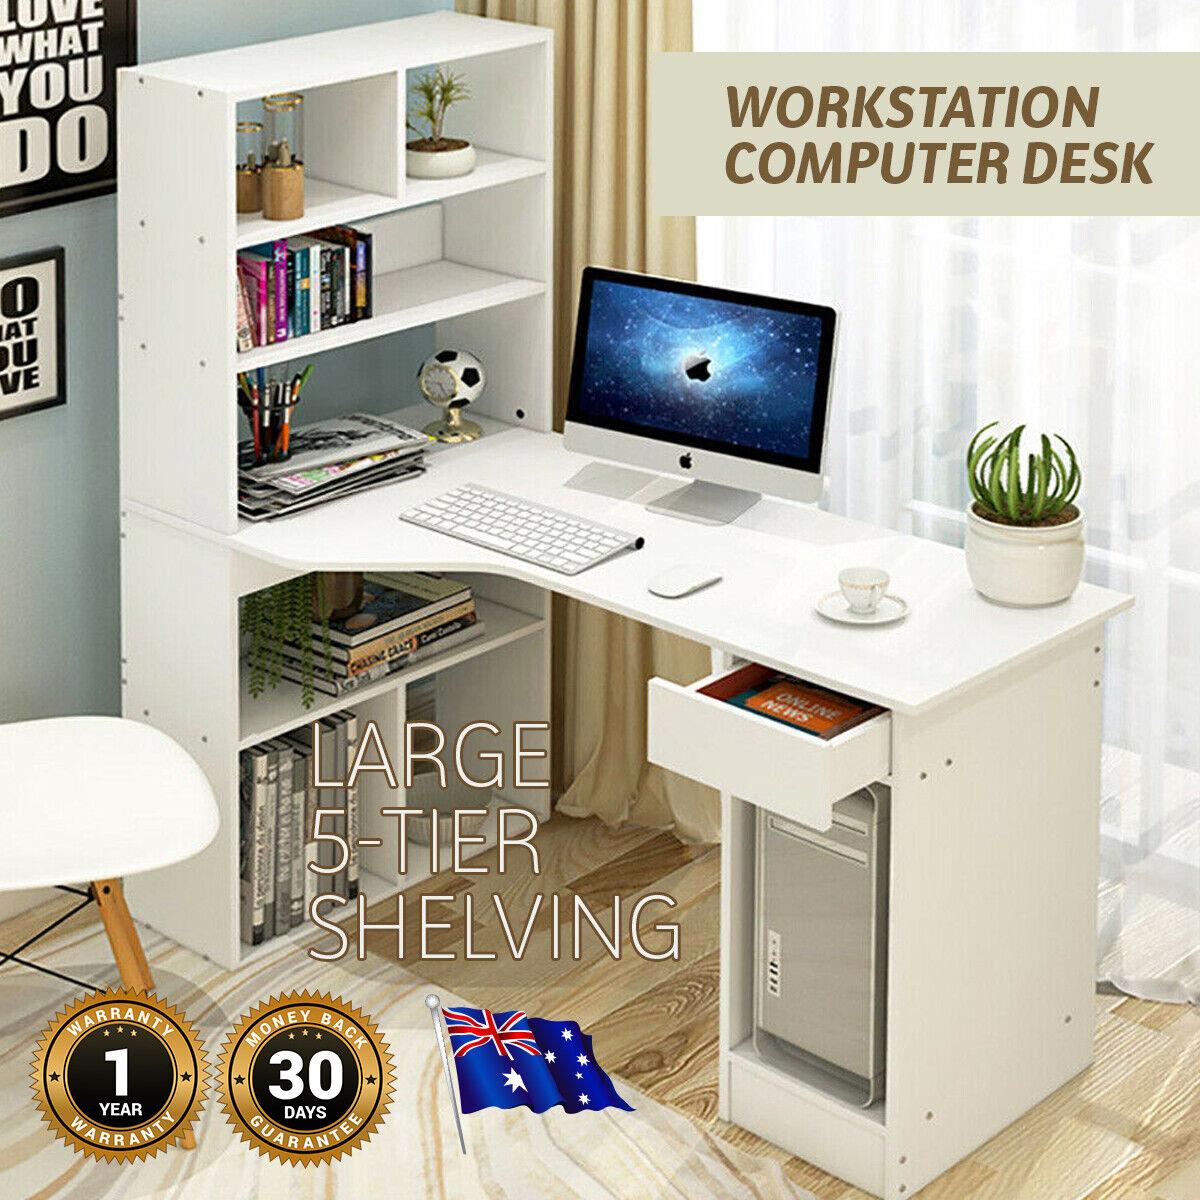 Strange Details About Computer Desk Workstation Large Combo Home Office Desks Home Office Furniture Home Interior And Landscaping Palasignezvosmurscom